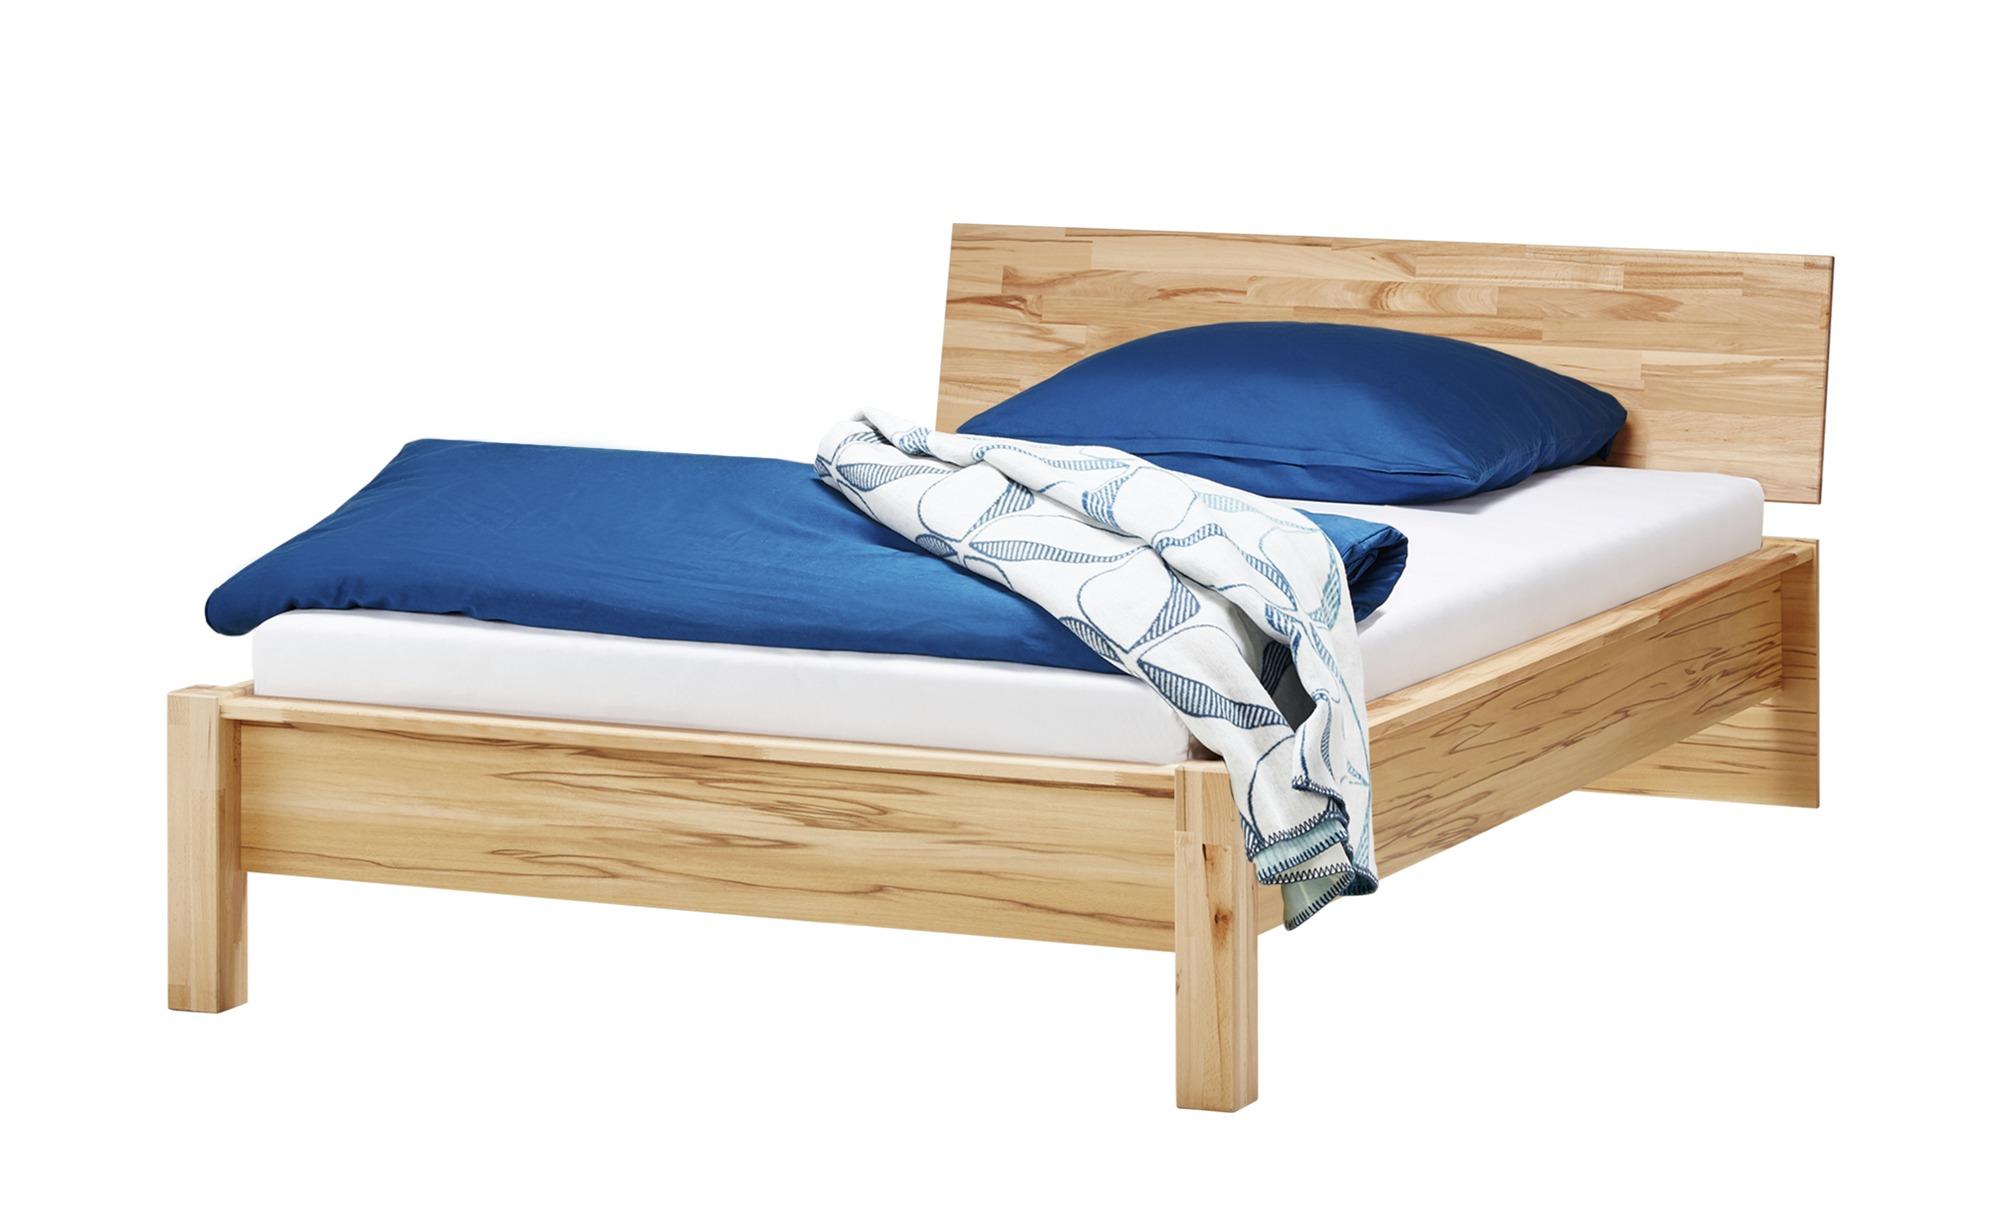 Full Size of Kinderbett 120x200 Bettgestell Buche Oslo Cm Bett Mit Bettkasten Weiß Matratze Und Lattenrost Betten Wohnzimmer Kinderbett 120x200